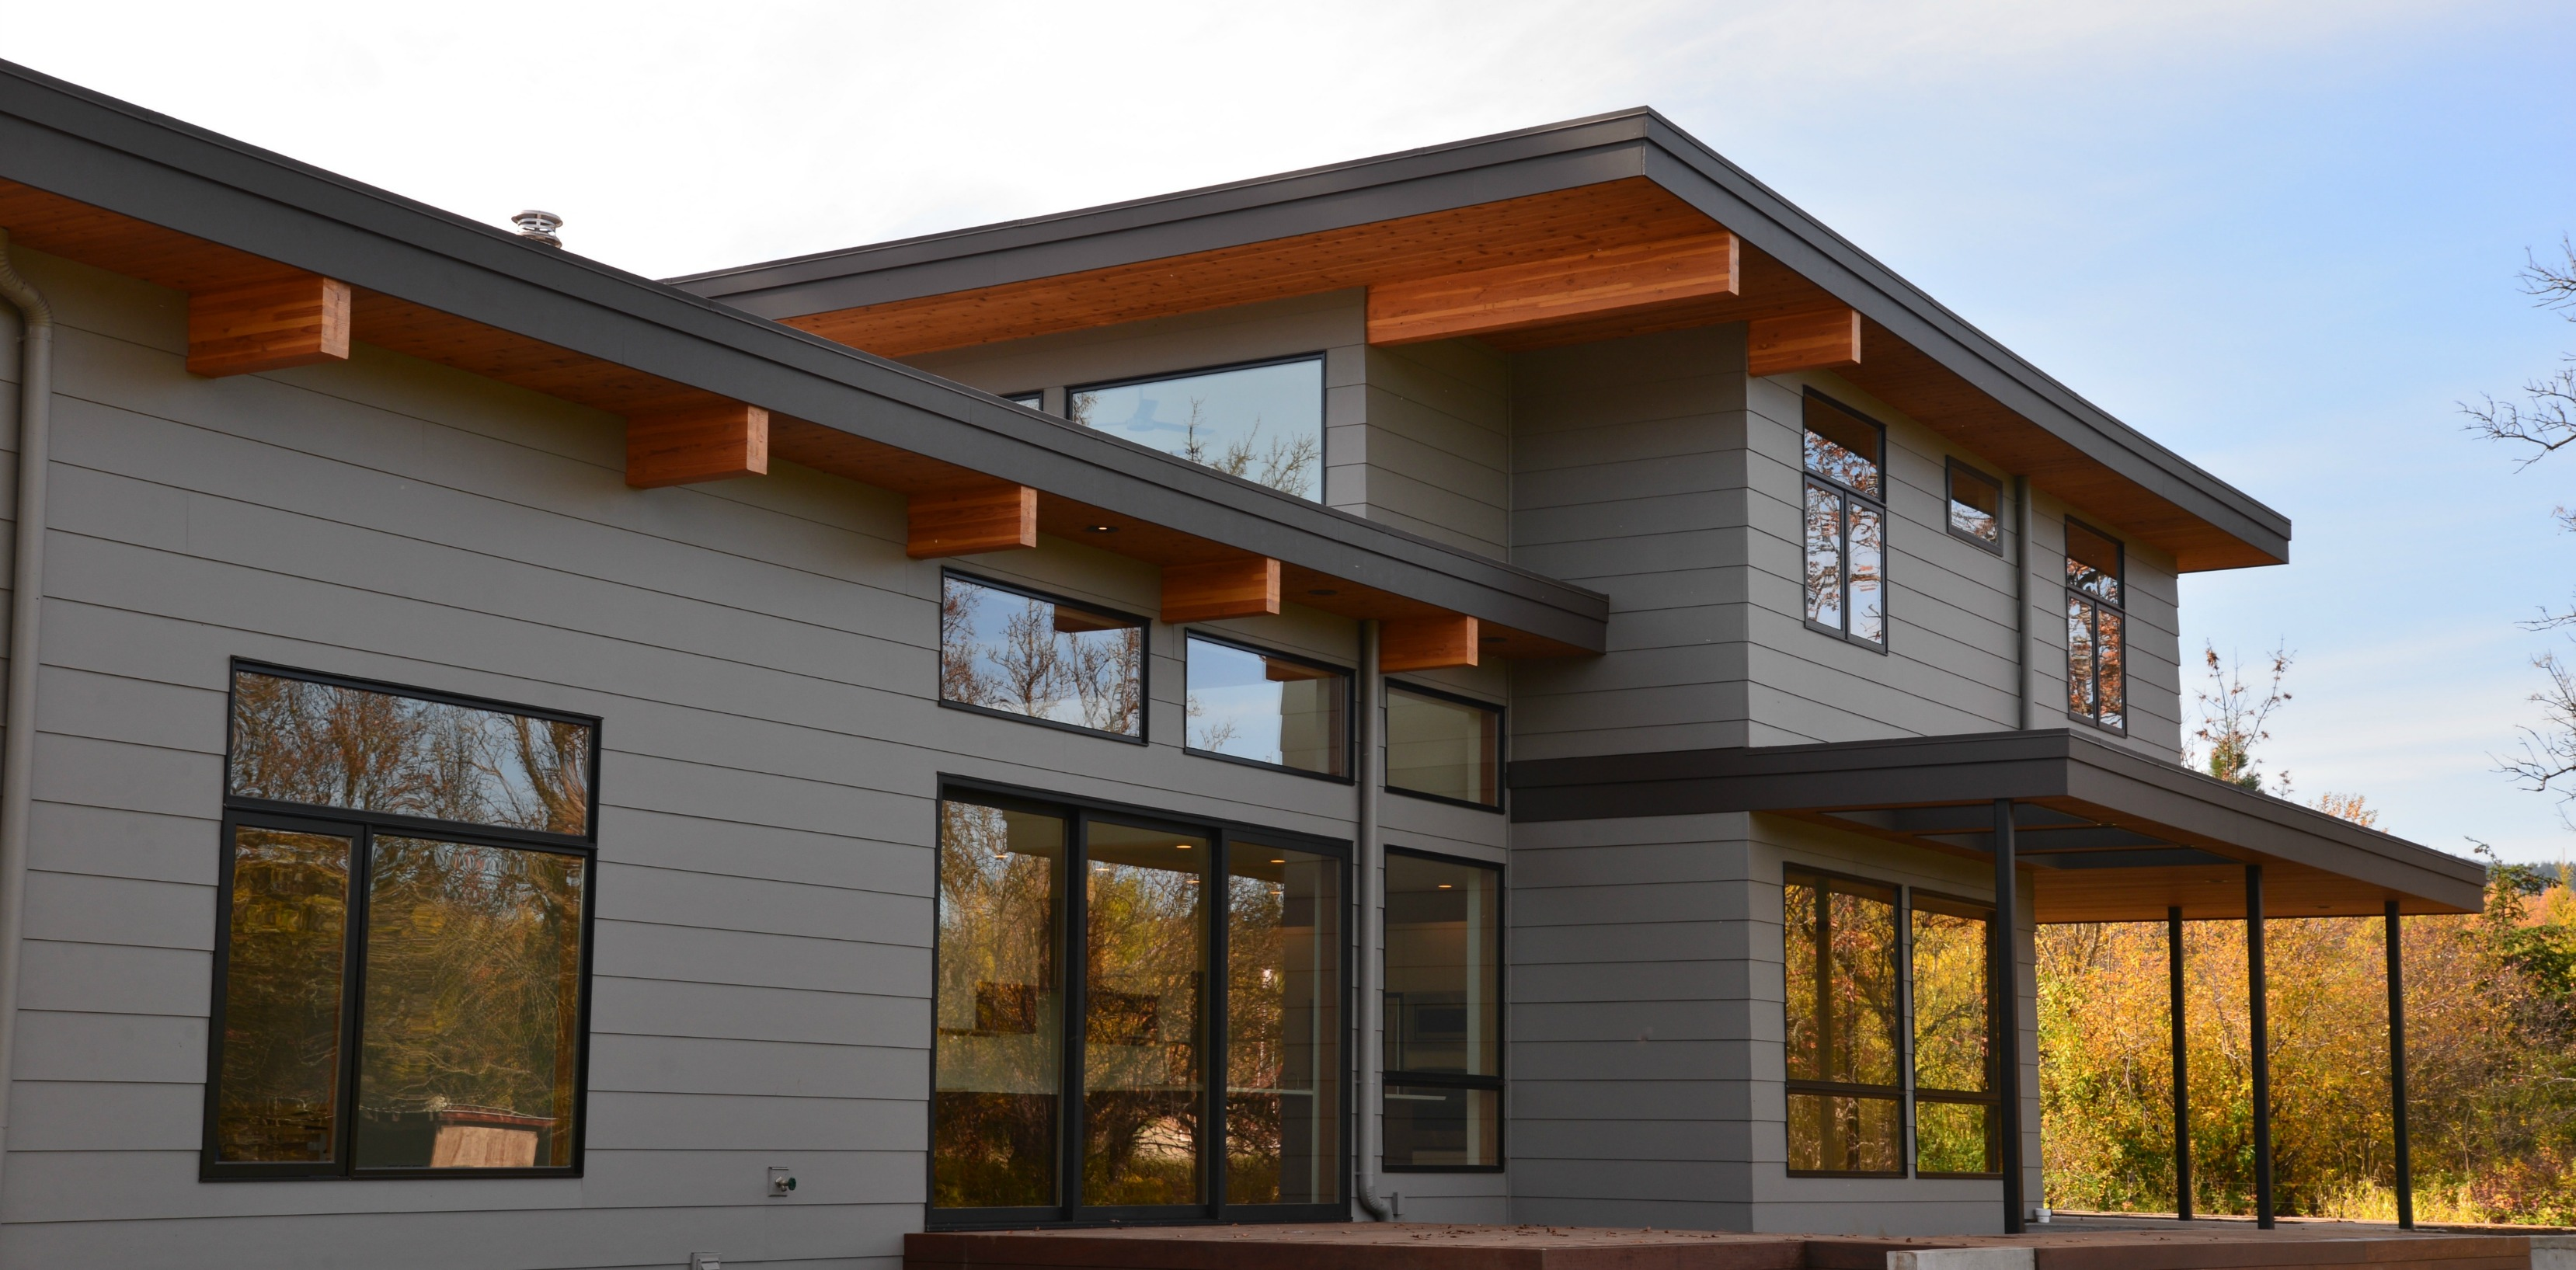 Grandview builders building custom homes in the hood for Westside homes